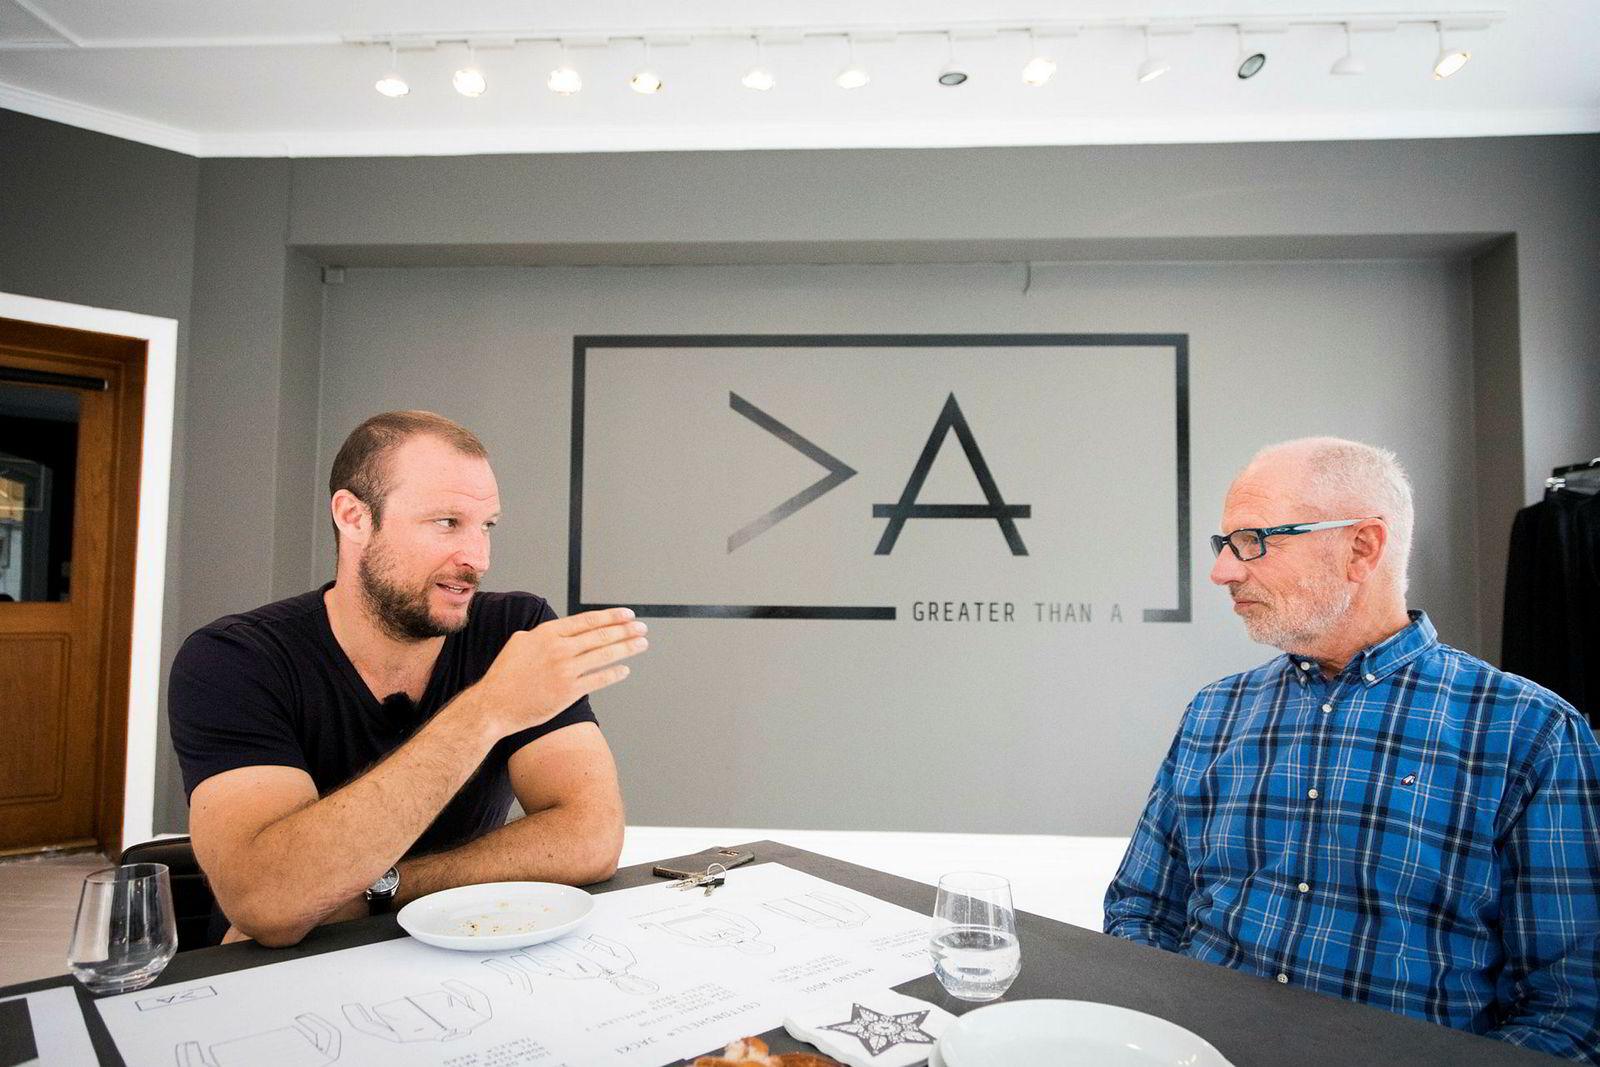 Aksel Lund Svindal og faren Bjørn Svindal har et tett forhold privat og økonomisk. Her fra intervju om økonomi, investeringer og klessatsingen til alpinstjernen.